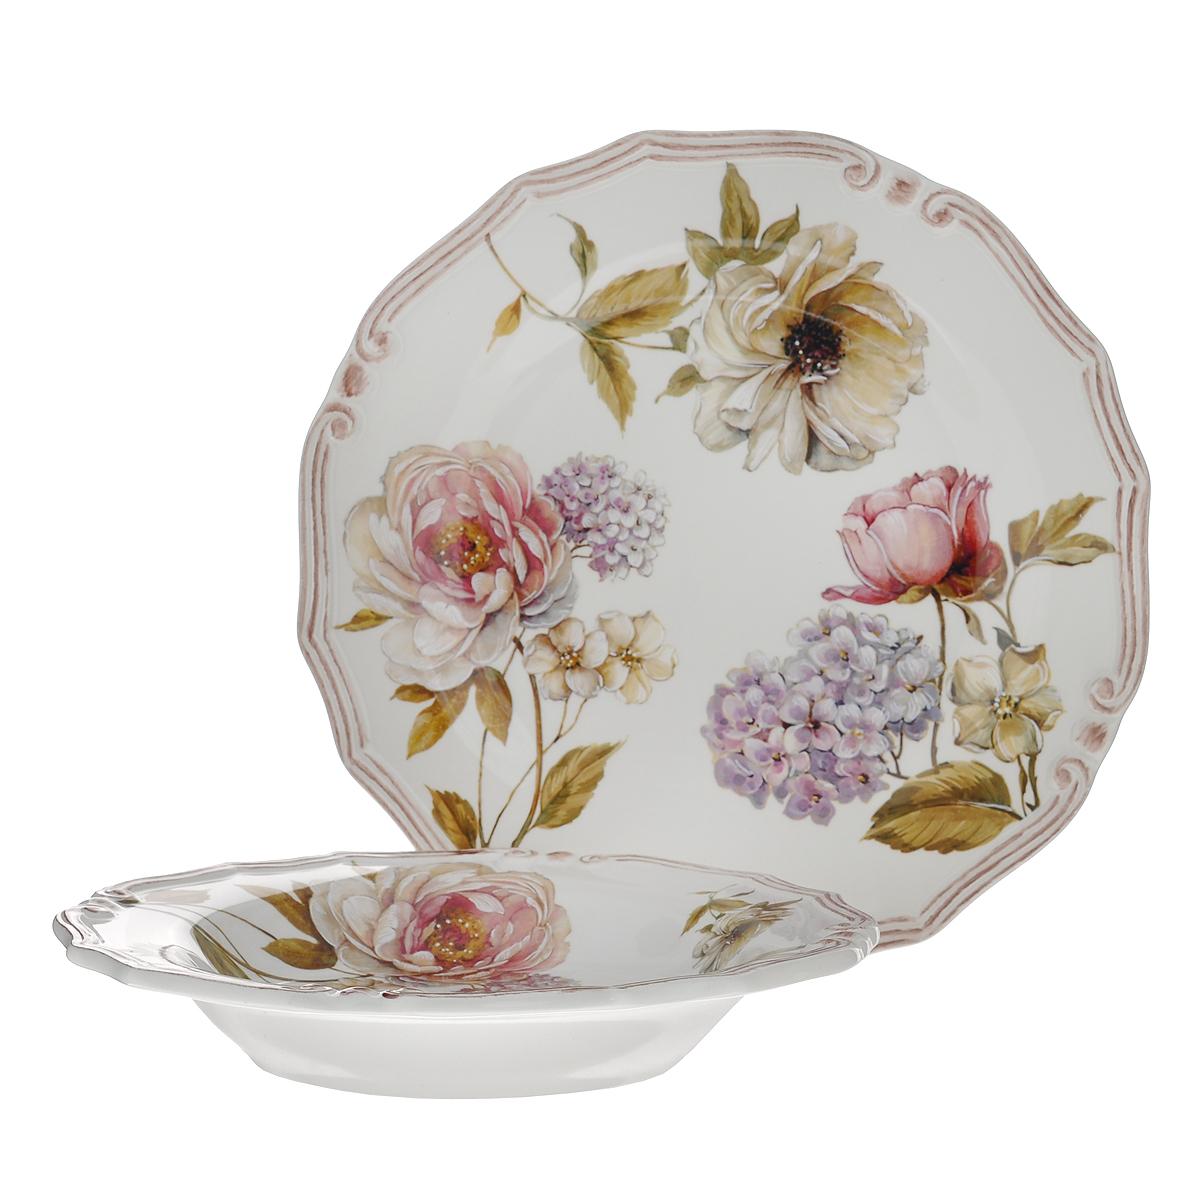 Набор тарелок LCS Сады Флоренции, 2 шт. LCS053-BO-ALLCS053-BO-ALНабор LCS Сады Флоренции состоит из суповой тарелки и обеденной тарелки. Предметы набора выполнены из высококачественной керамики и оформлены нежным цветочным рисунком. Красочность оформления придется по вкусу и ценителям классики, и тем, кто предпочитает утонченность и изящность. Сервировка стола таким набором станет великолепным украшением любого торжества. Характеристики:Материал: керамика. Диаметр суповой тарелки: 24 см. Высота суповой тарелки: 4 см. Диаметр обеденной тарелки: 26 см. LCS - молодая, динамично развивающаяся итальянская компания из Флоренции,производящая разнообразную керамическую посуду и изделия для украшения интерьера. В своих дизайнах LCS использует как классические, так и современные тенденции.Высокий стандарт изделий обеспечивается за счет соединения высоко технологичногопроизводства и использования ручной работы профессиональных дизайнеров ихудожников, работающих на фабрике.